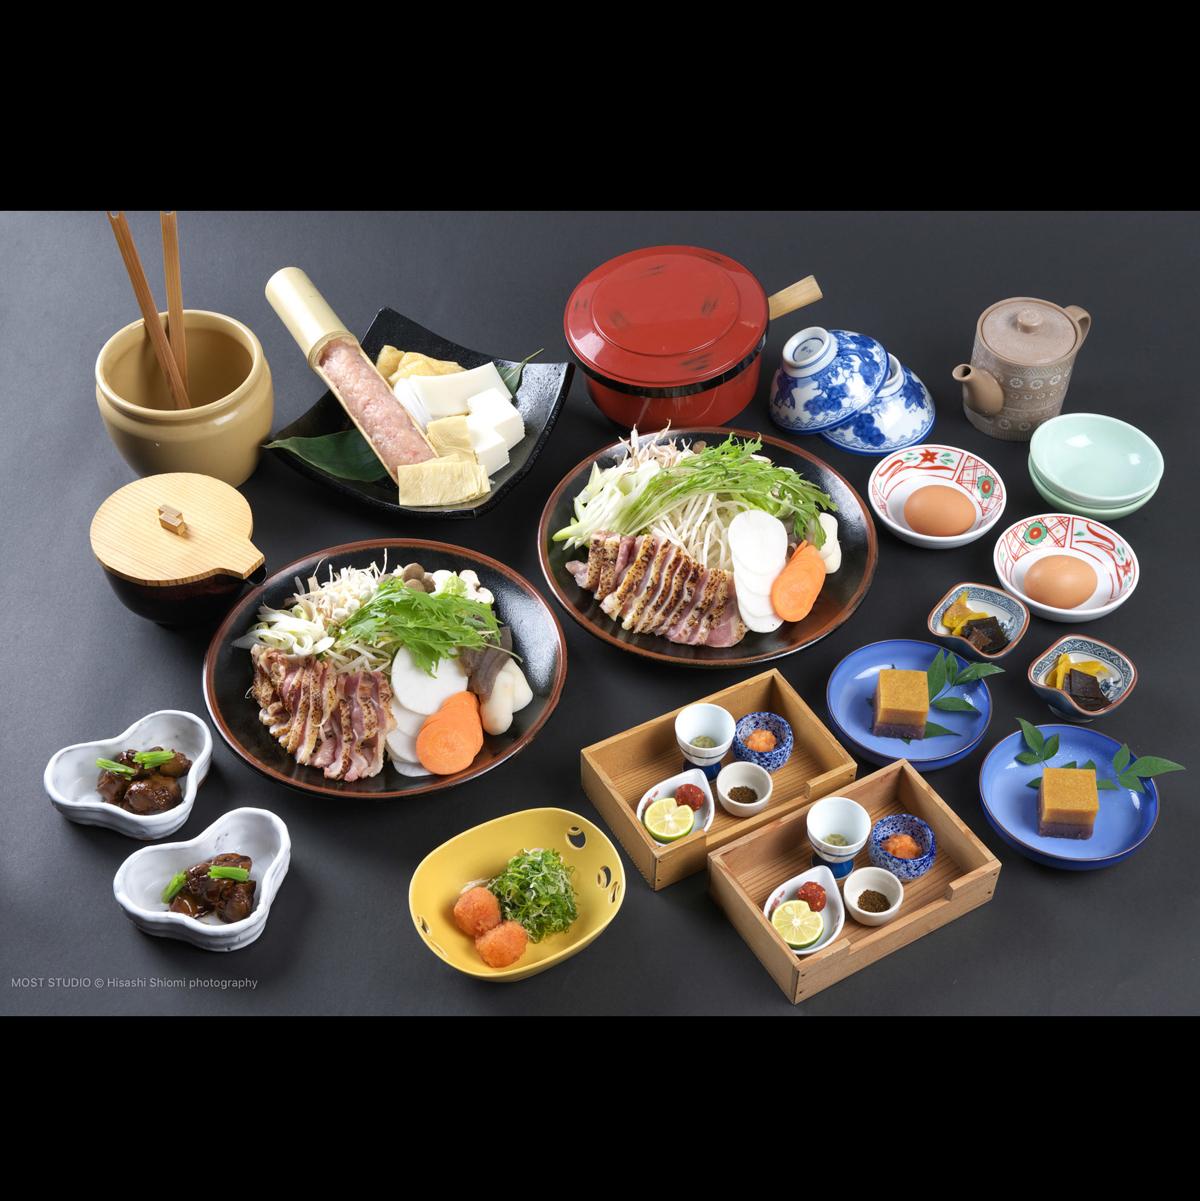 食品・フード撮影15